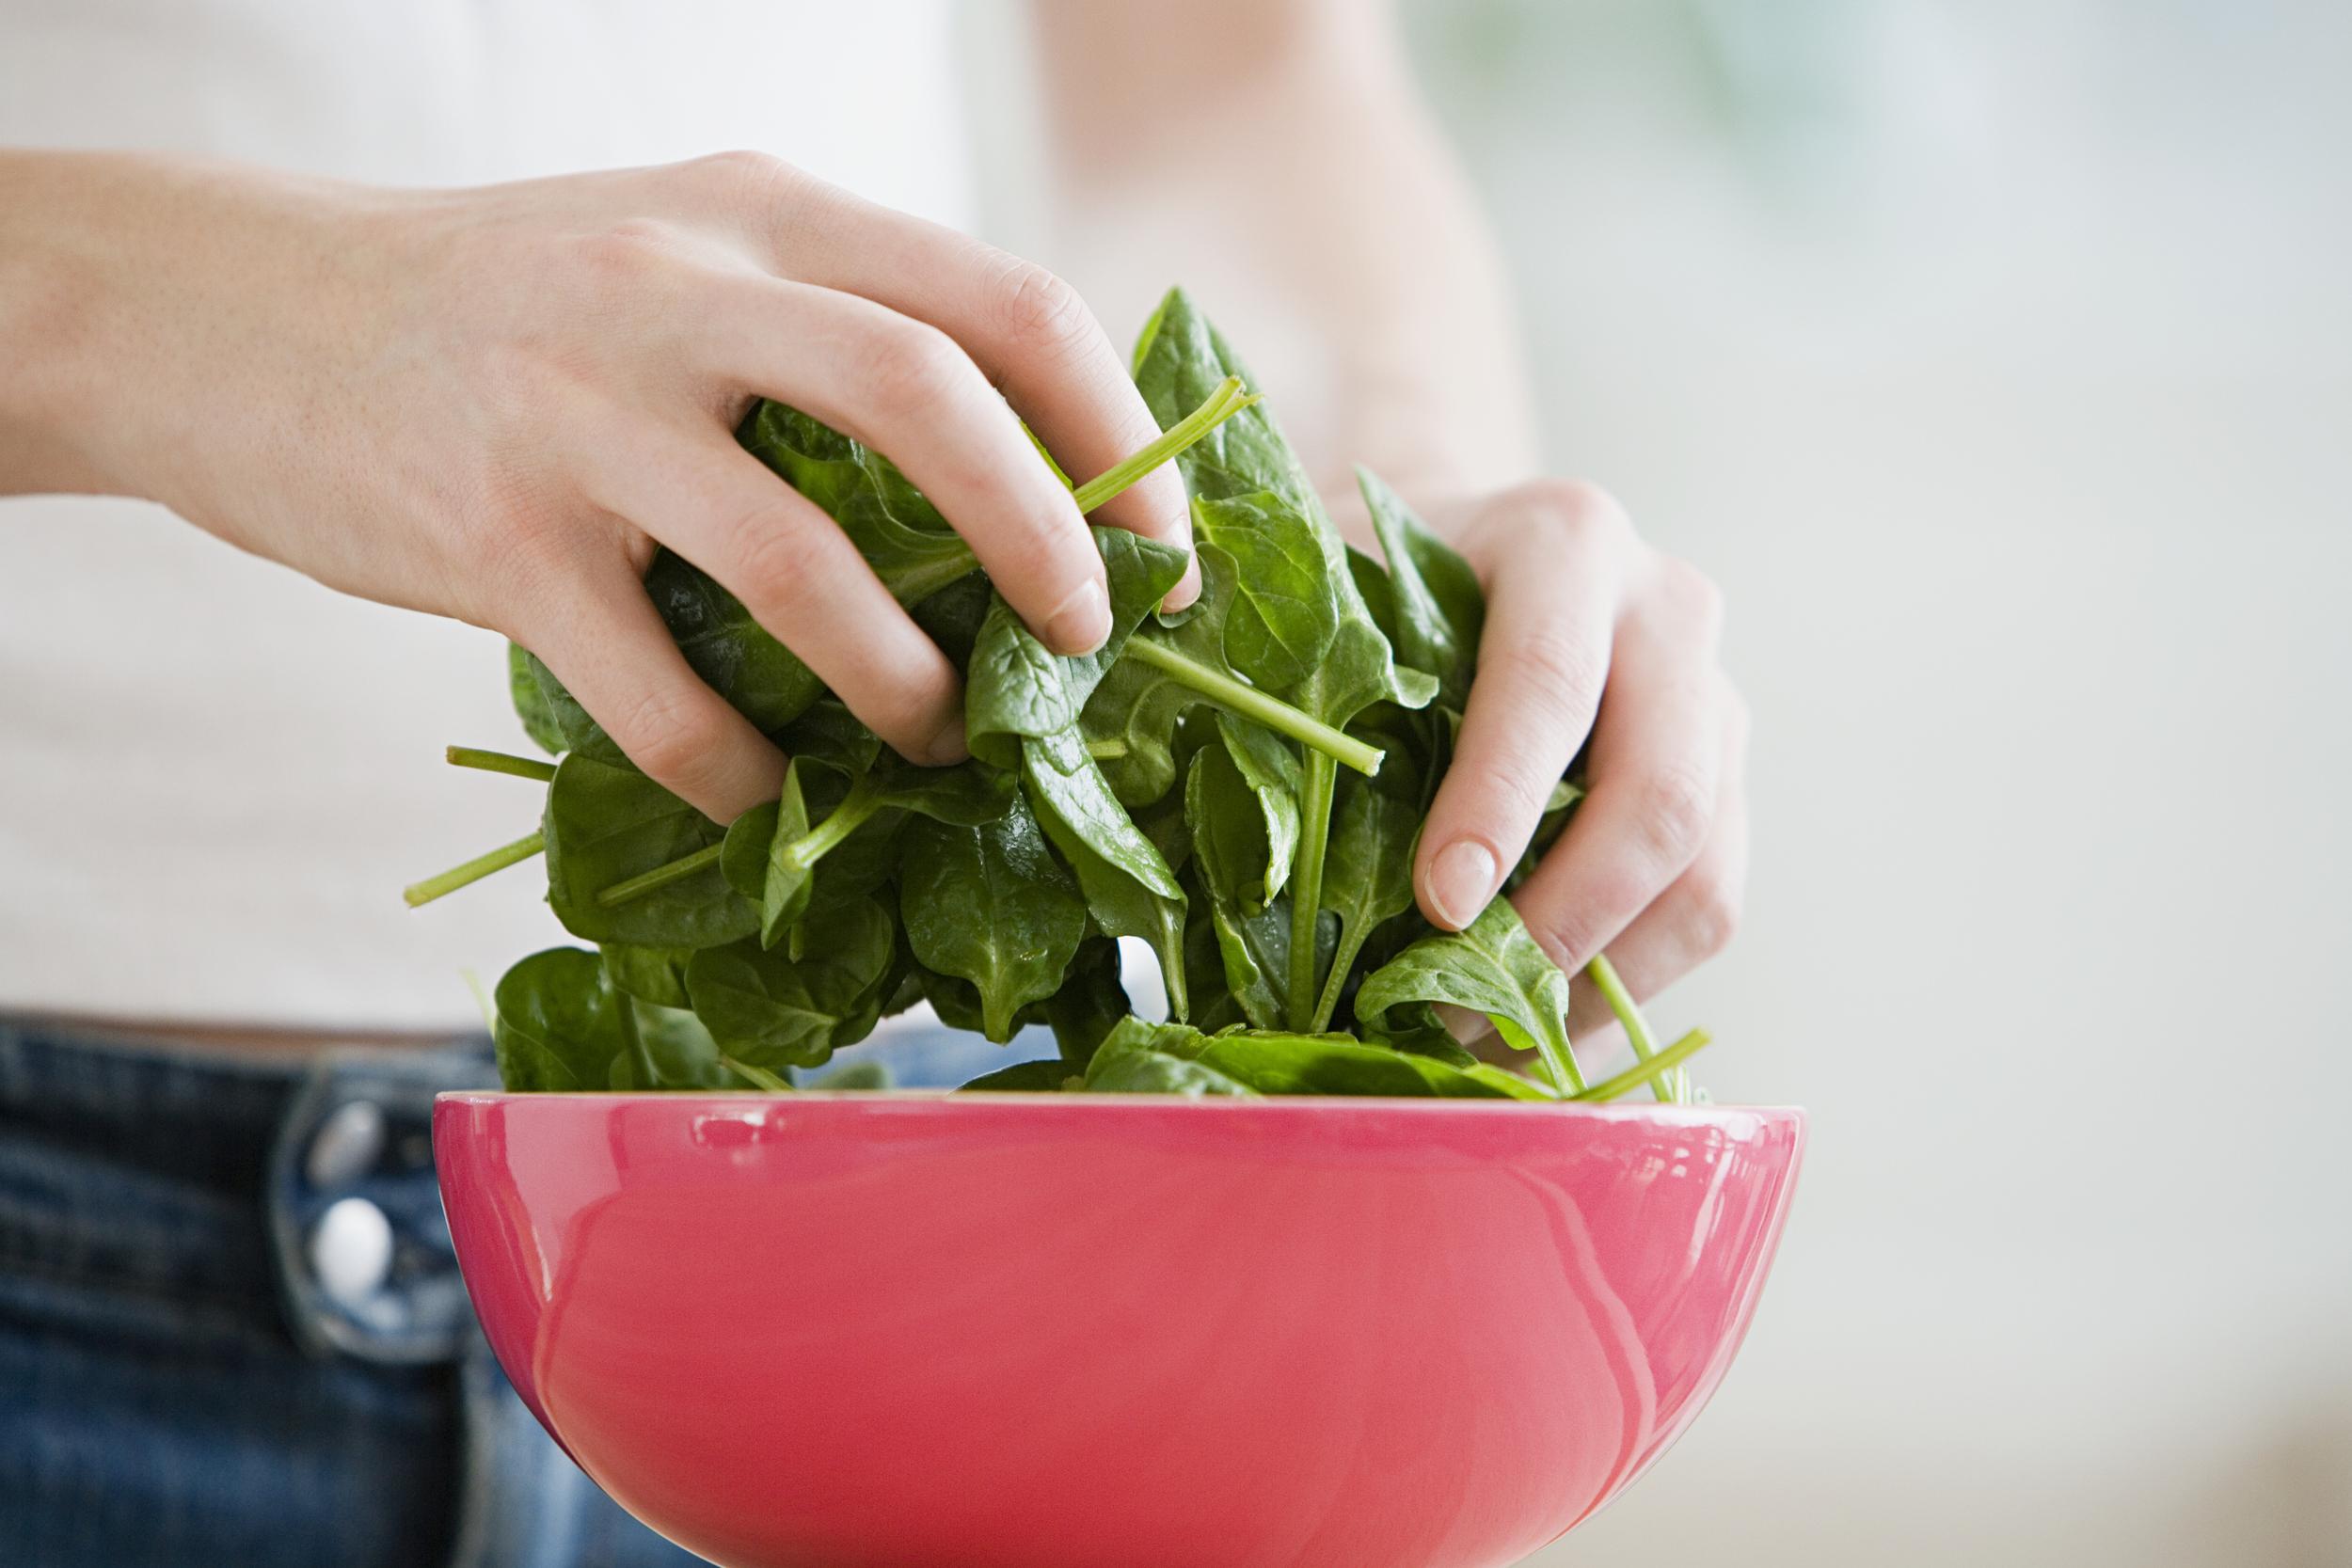 PunjabKesari, spinach